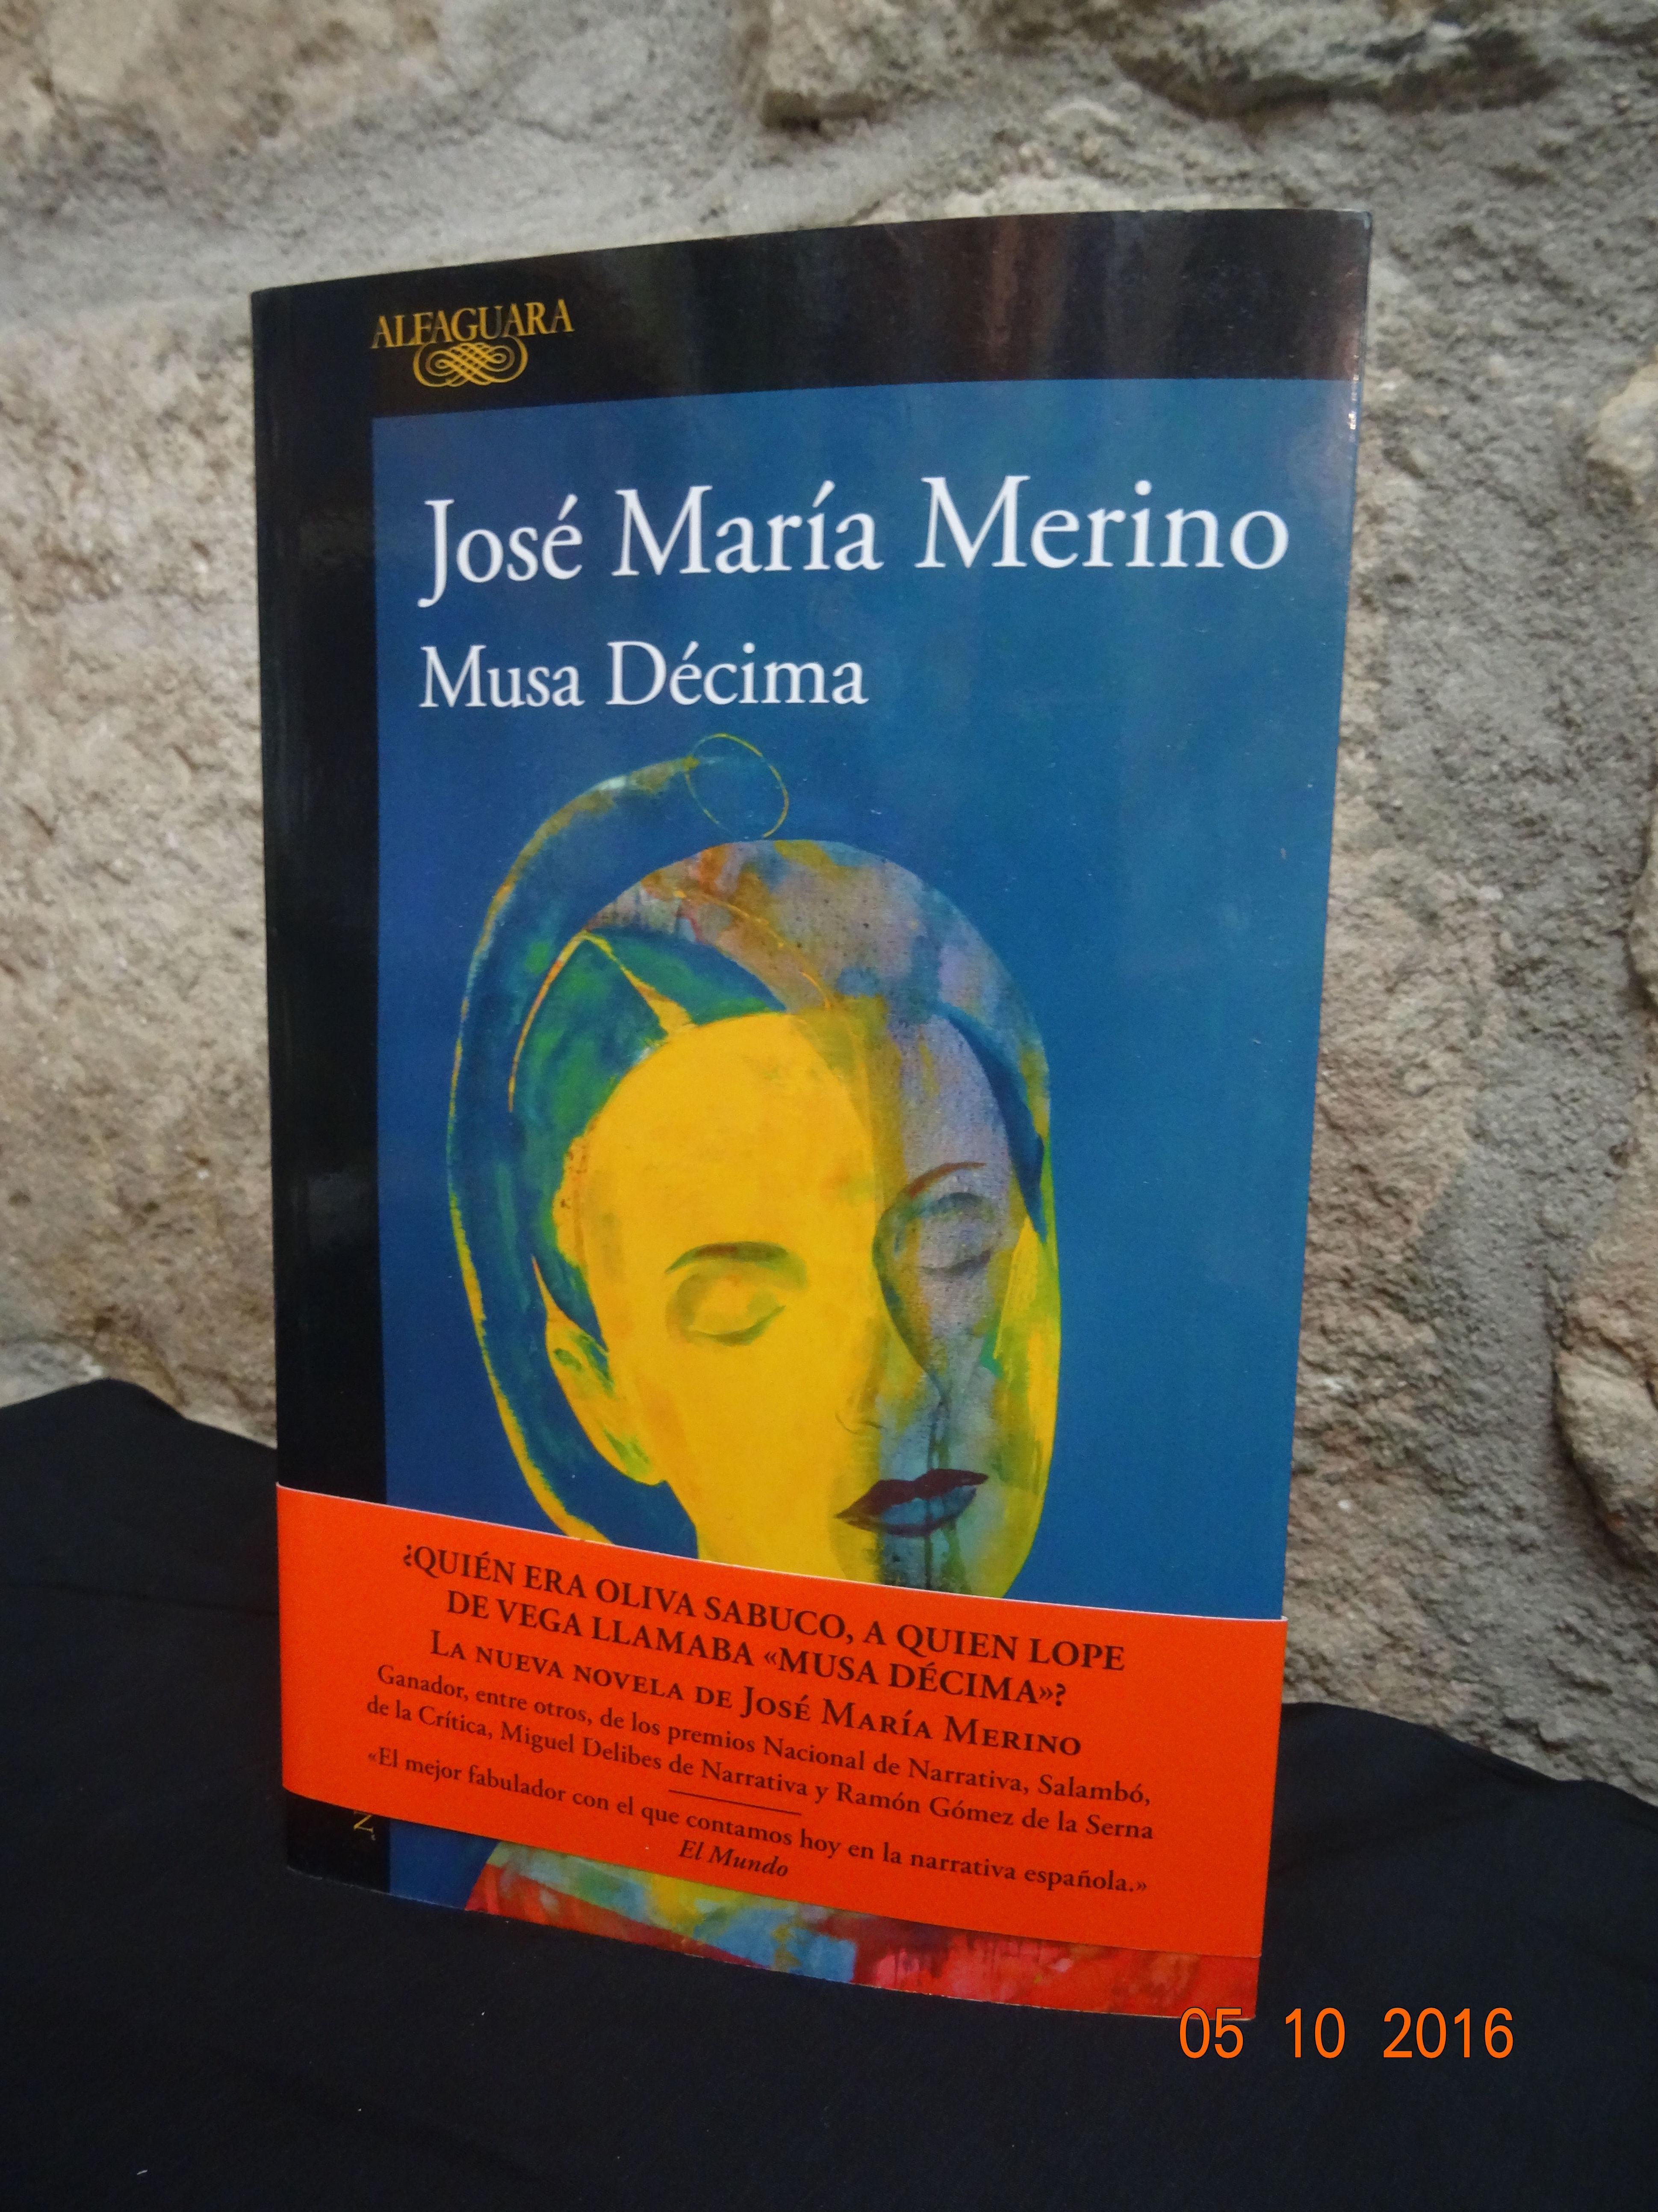 La Decima Musa: SECCIONES de Librería Nueva Plaza Universitaria